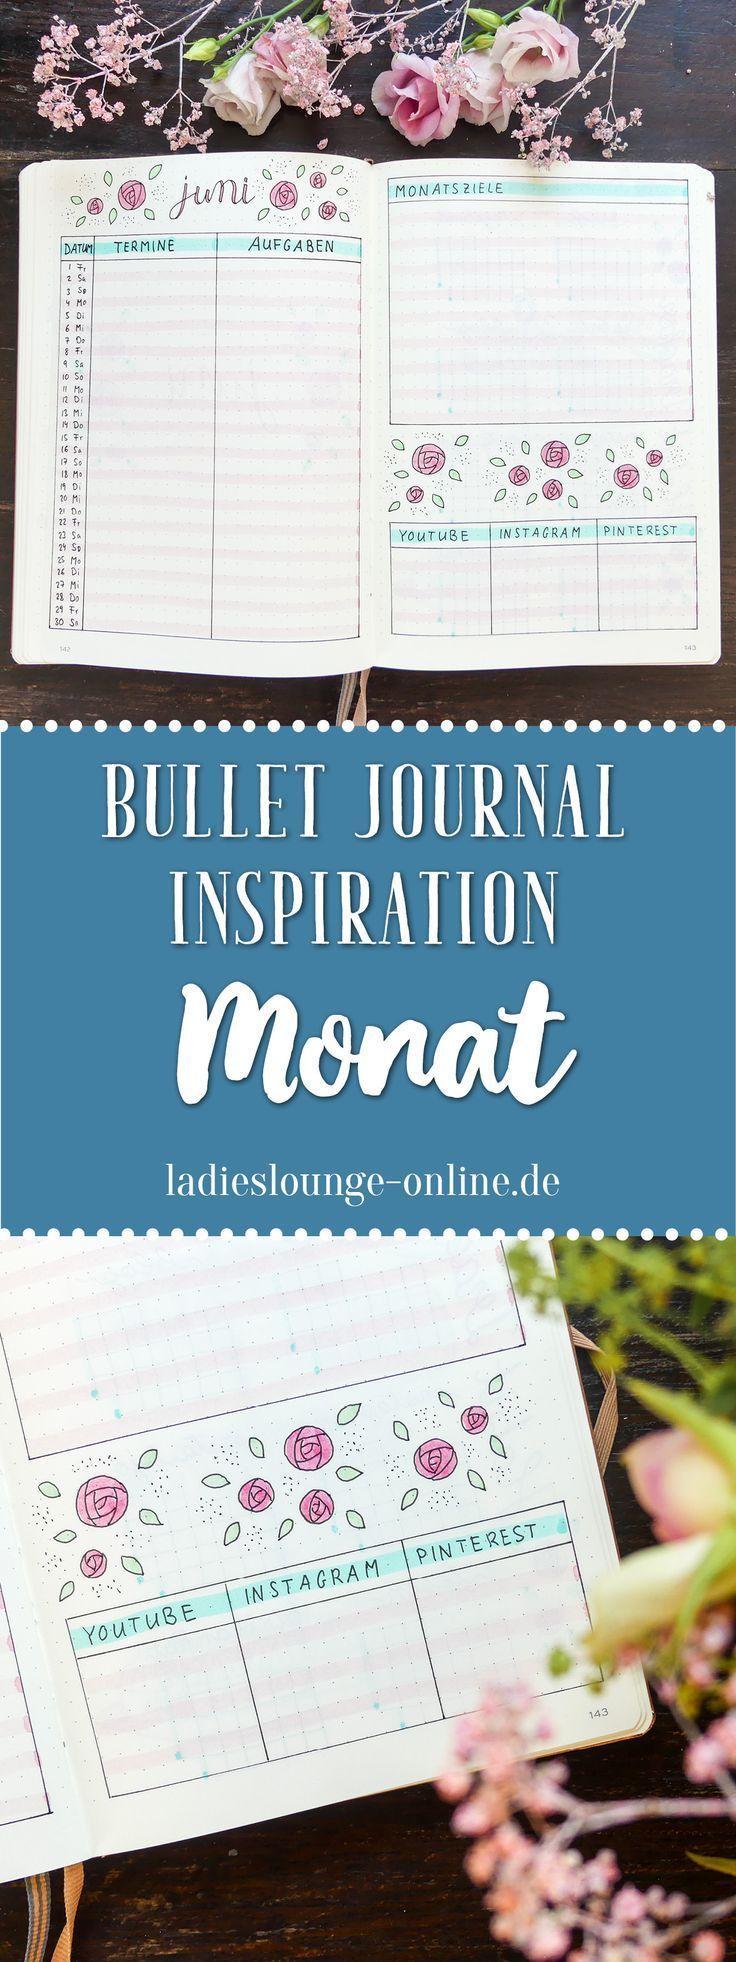 BULLET JOURNAL IDEEN DEUTSCH Inspiration für dein Bullet Journal. Monatsplanung